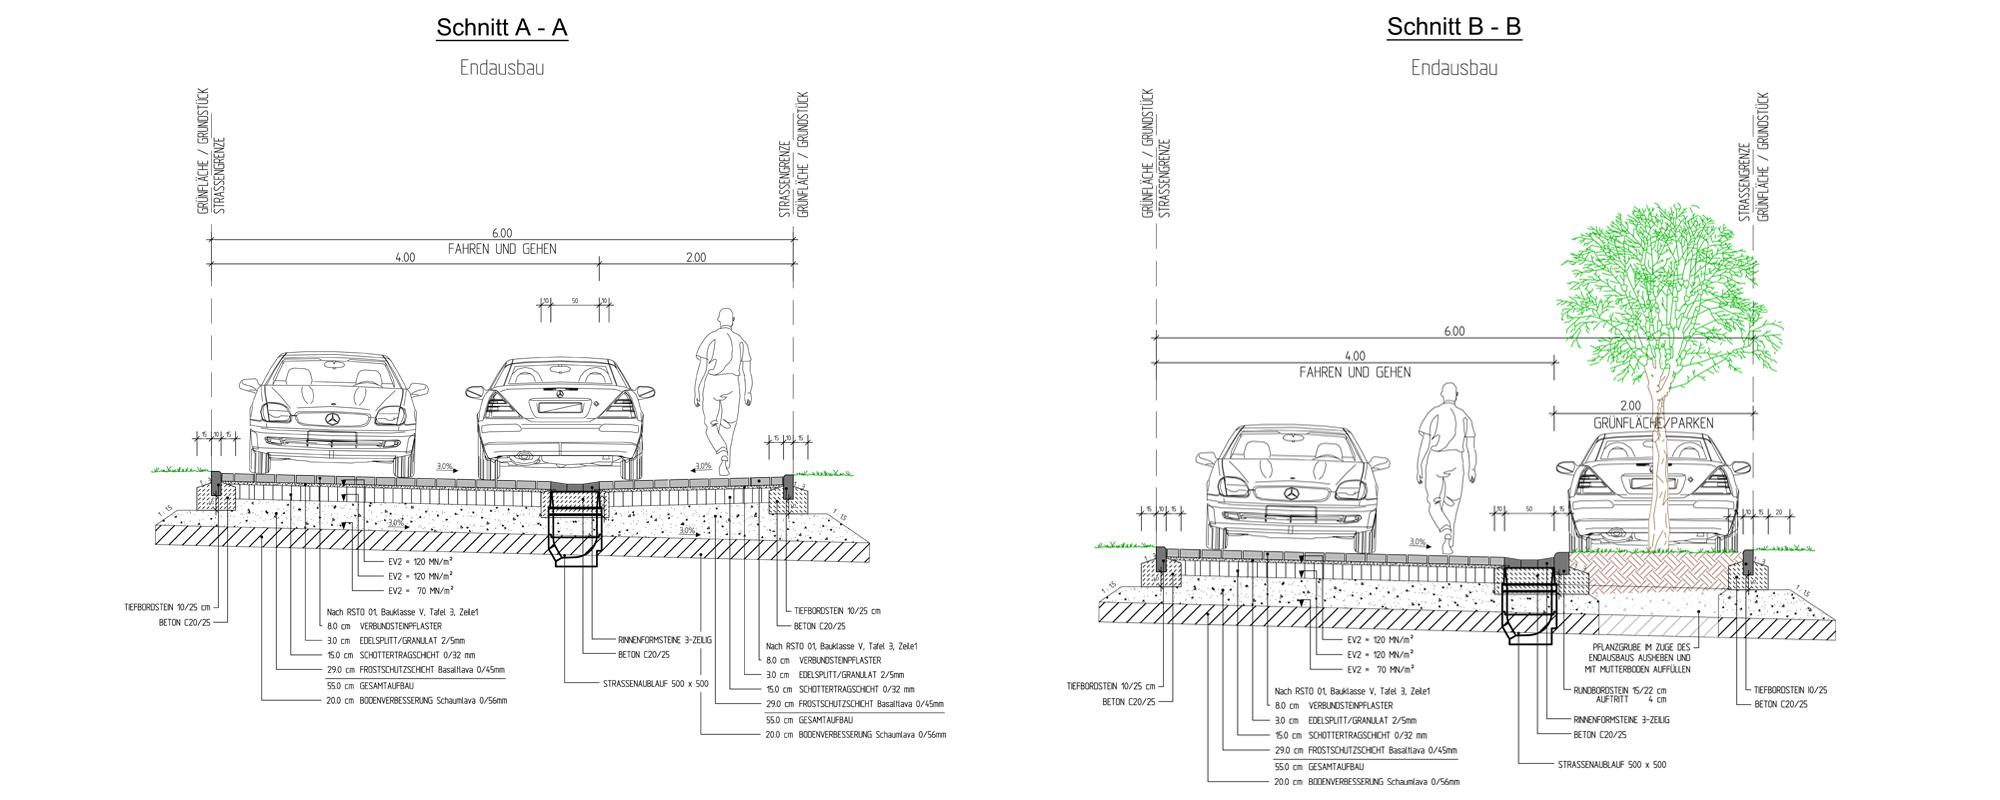 Strassenendausbau Baugebiet Auf Buchkammen_1